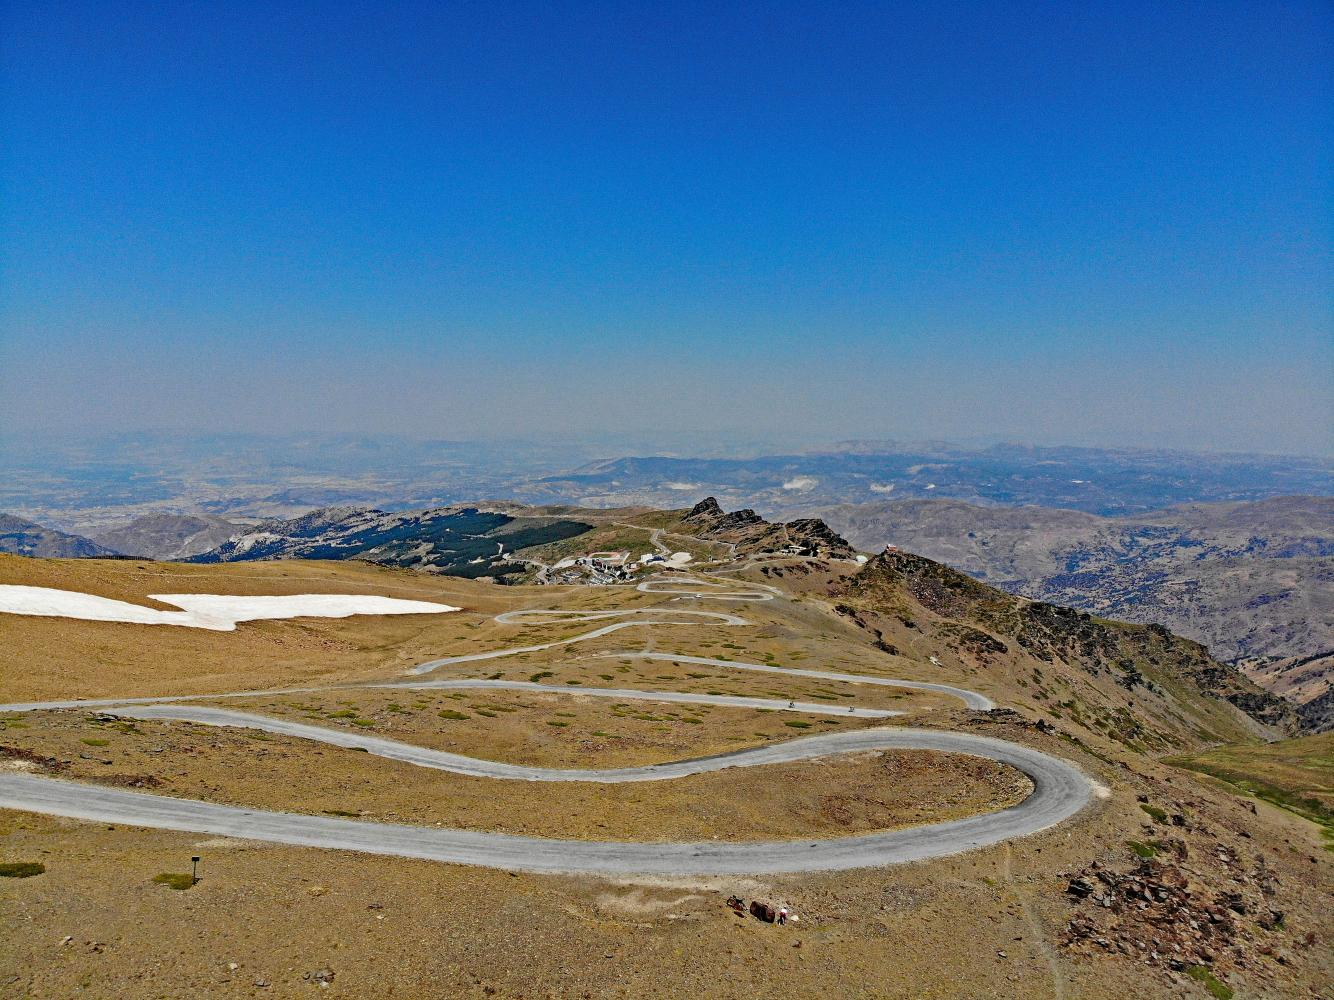 Cycling Climb - Pico de Veleta - Spain, Andalucía